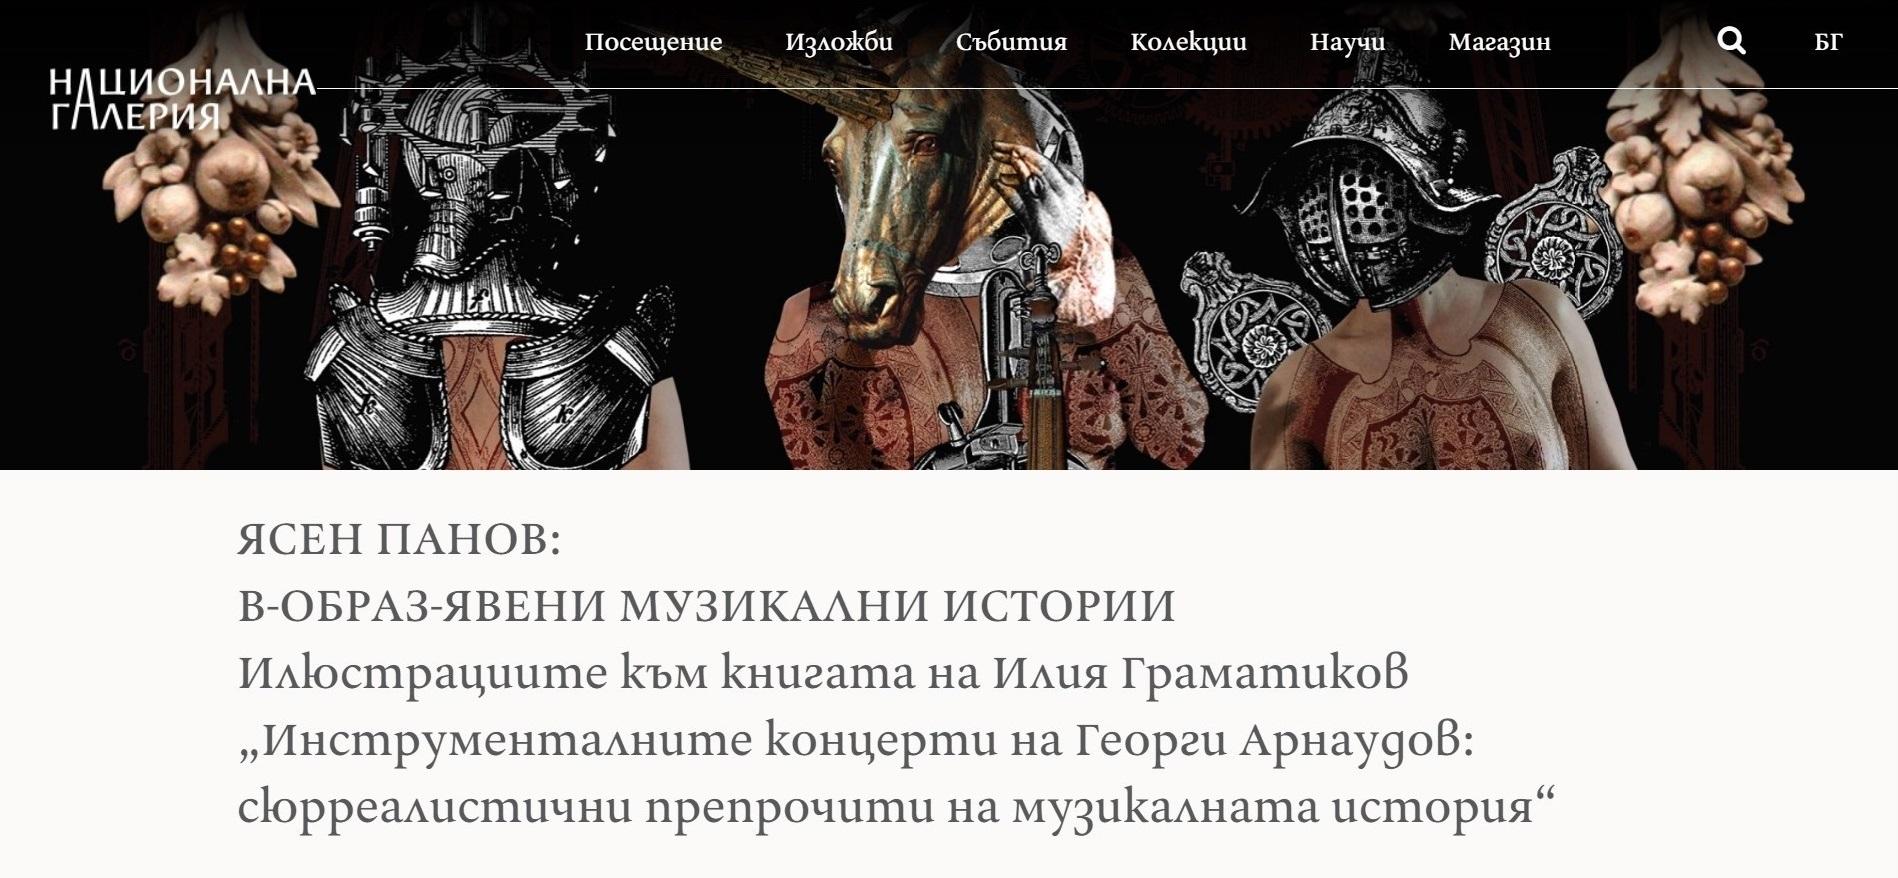 Илия Граматиков - Инструменталните концерти на Георги Арнаудов